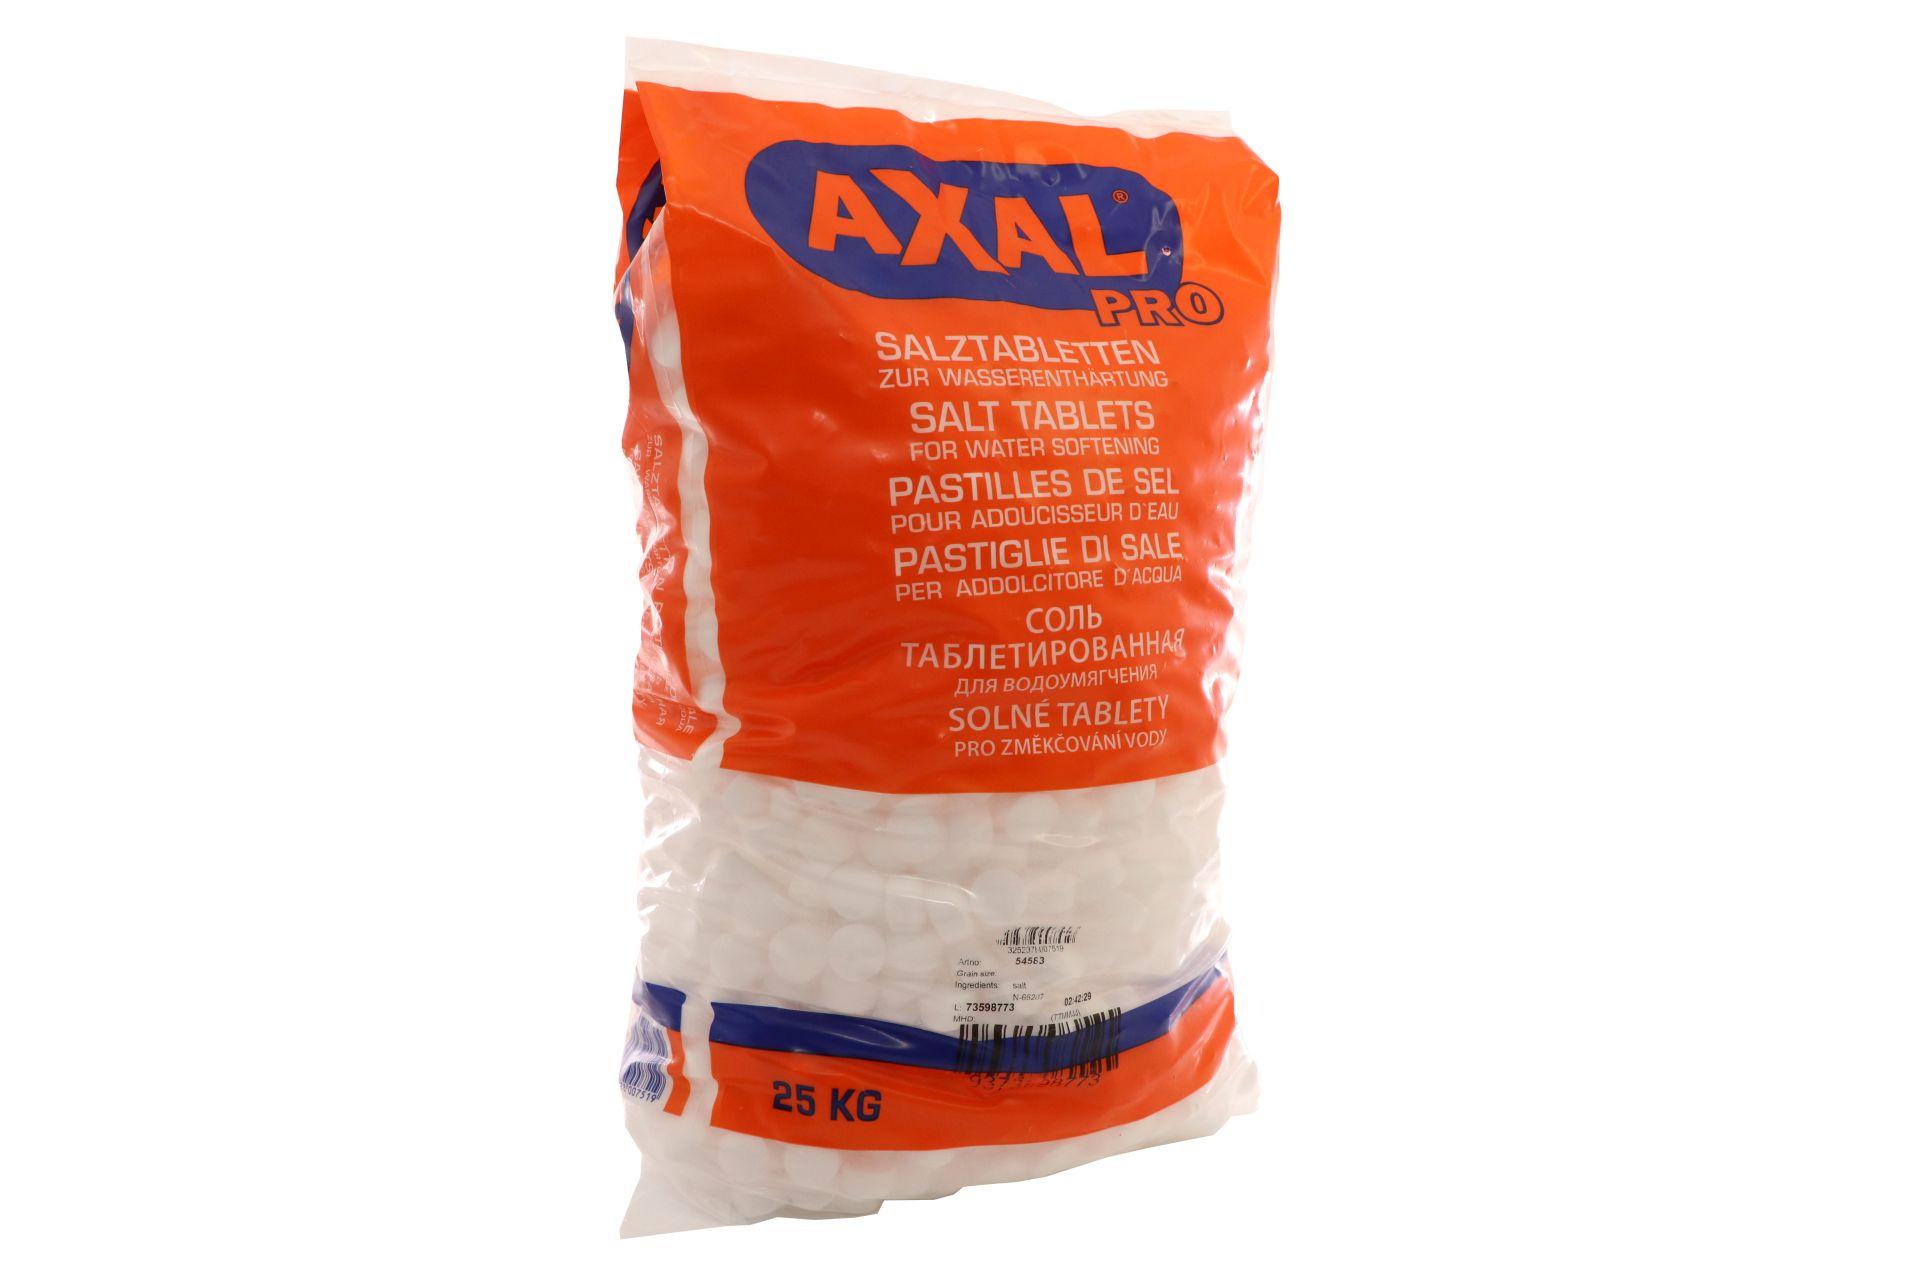 AXAL PRO Regeneriersalz, Salztabletten zur Wasseraufbereitung, 25 kg